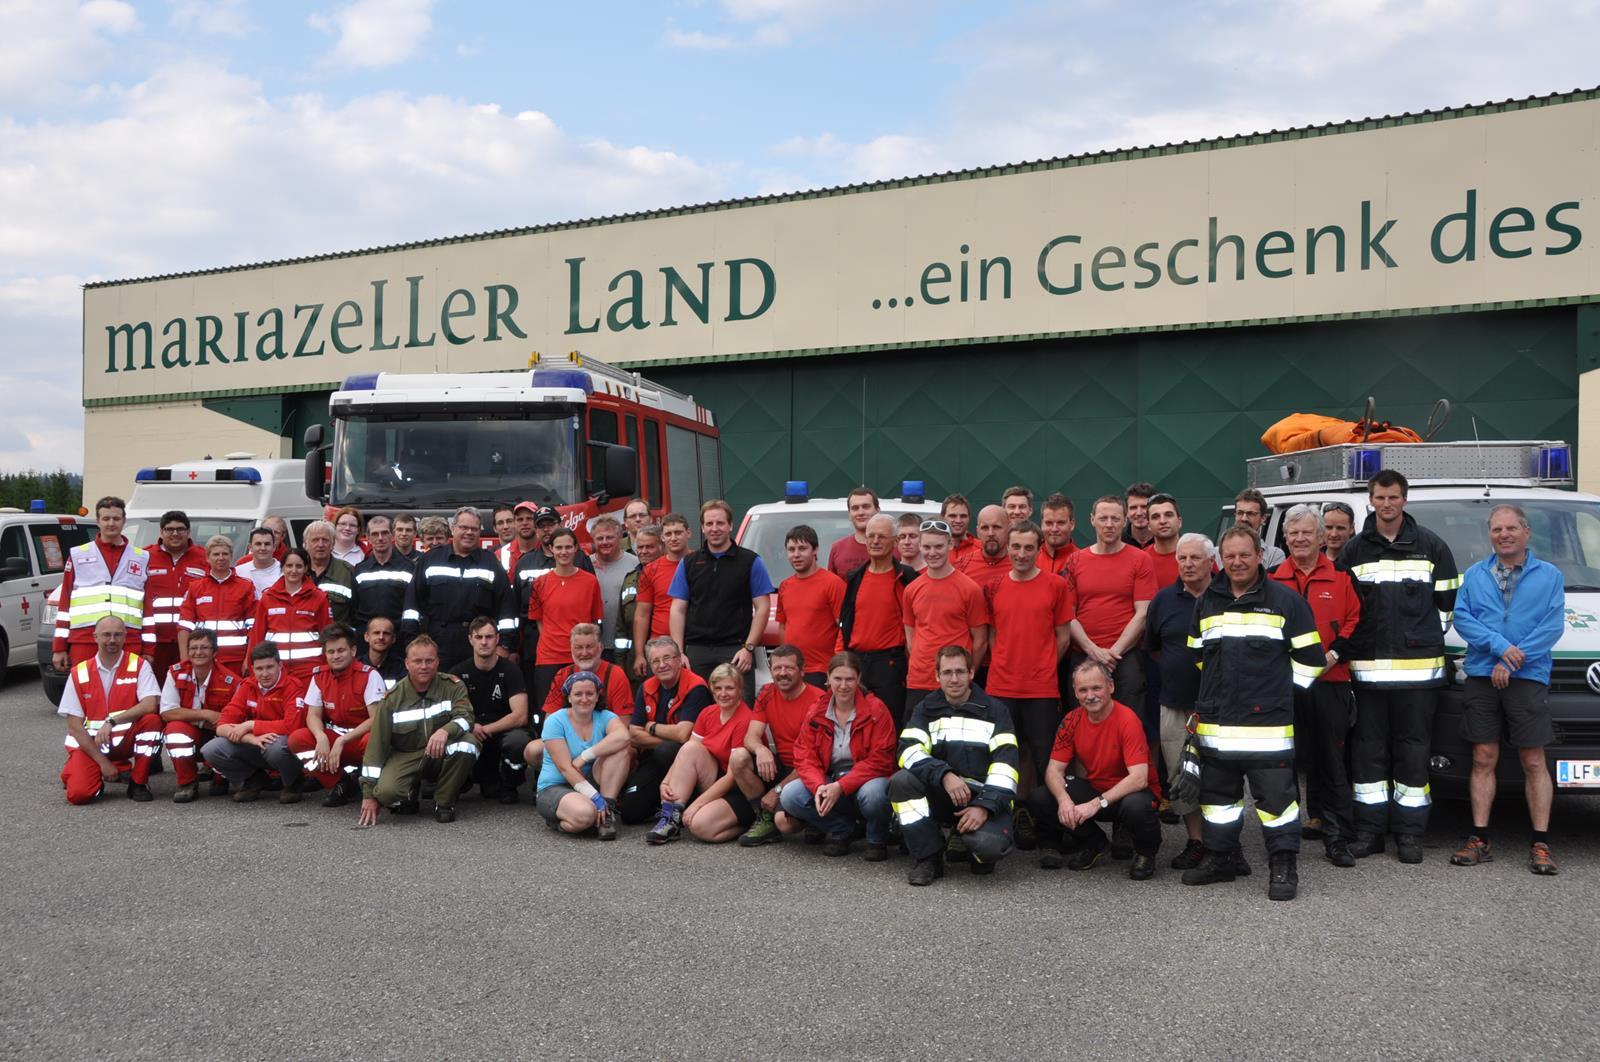 Einsatzuebung Mariazellerland_DSC_0153